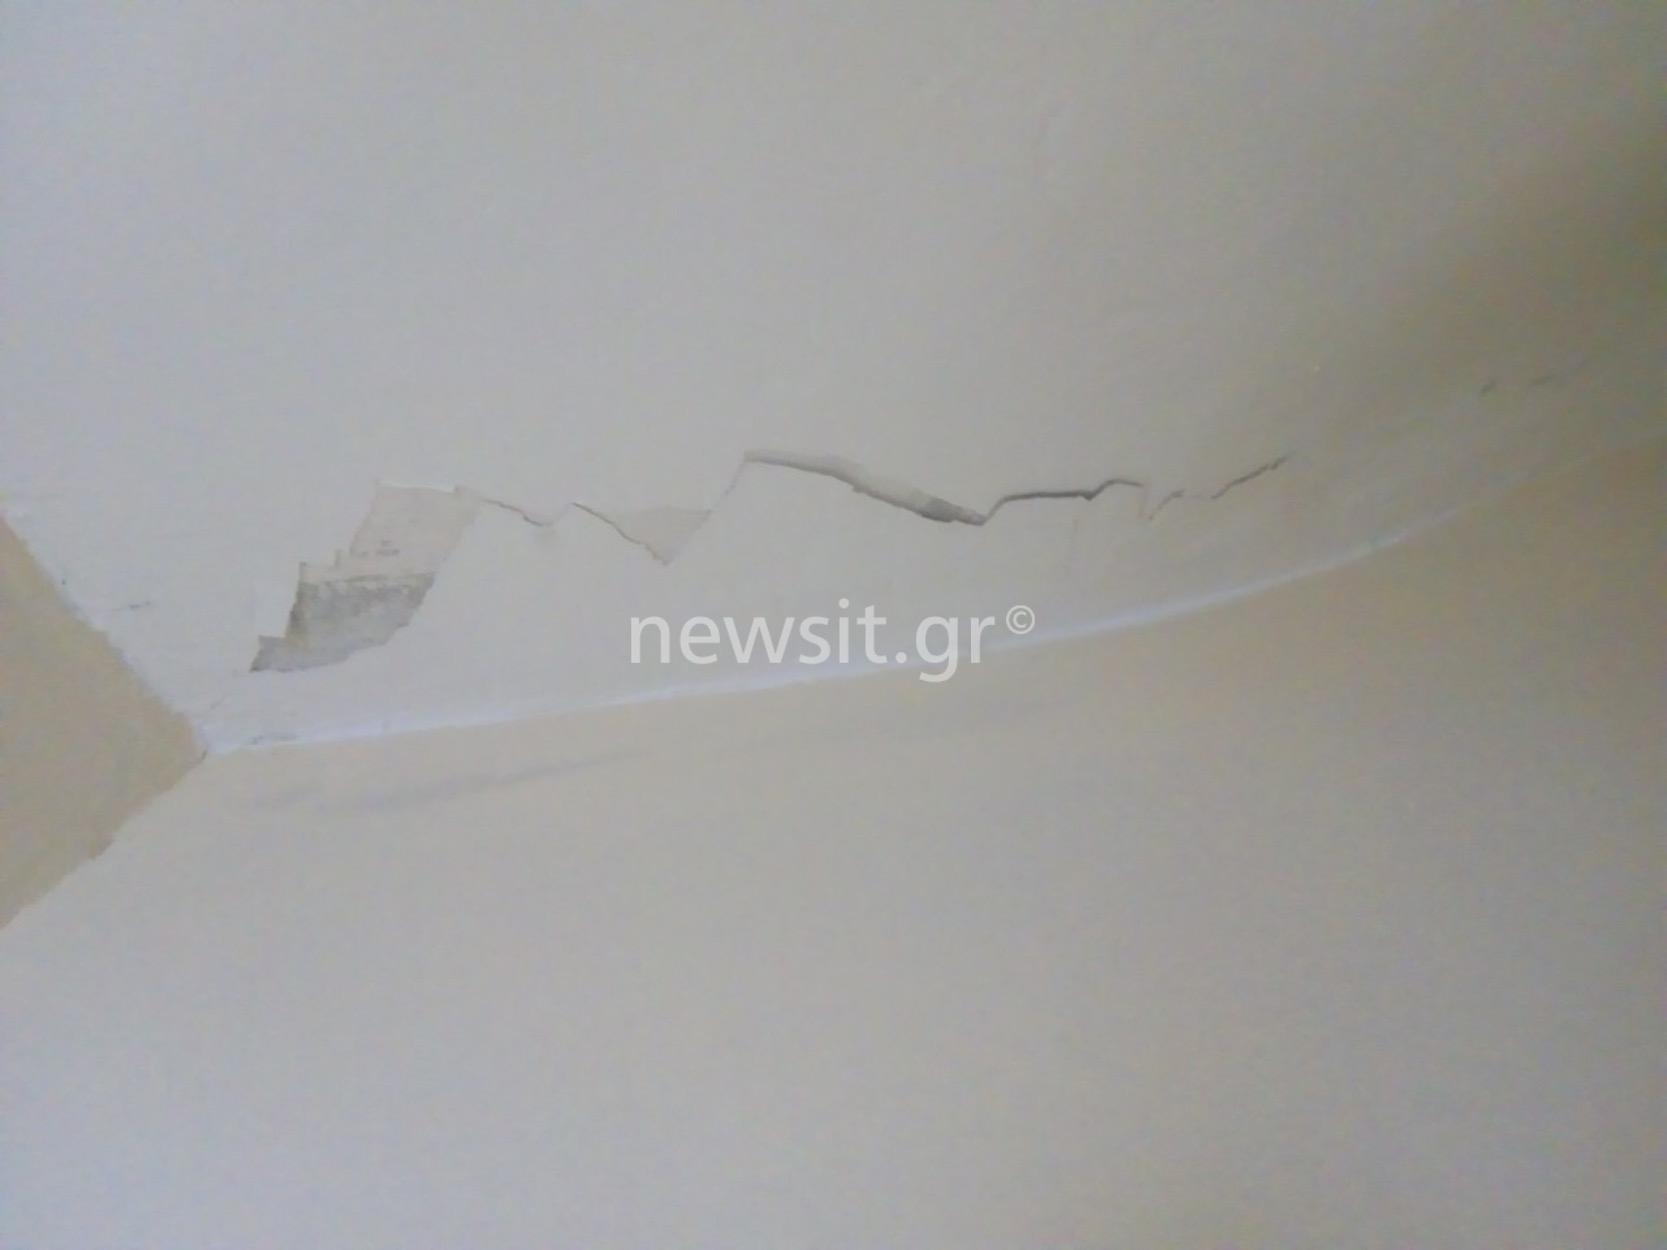 Σεισμός στην Αθήνα: Ζημιές σε σπίτια σε Μάνδρα και Περιστέρι [pics]